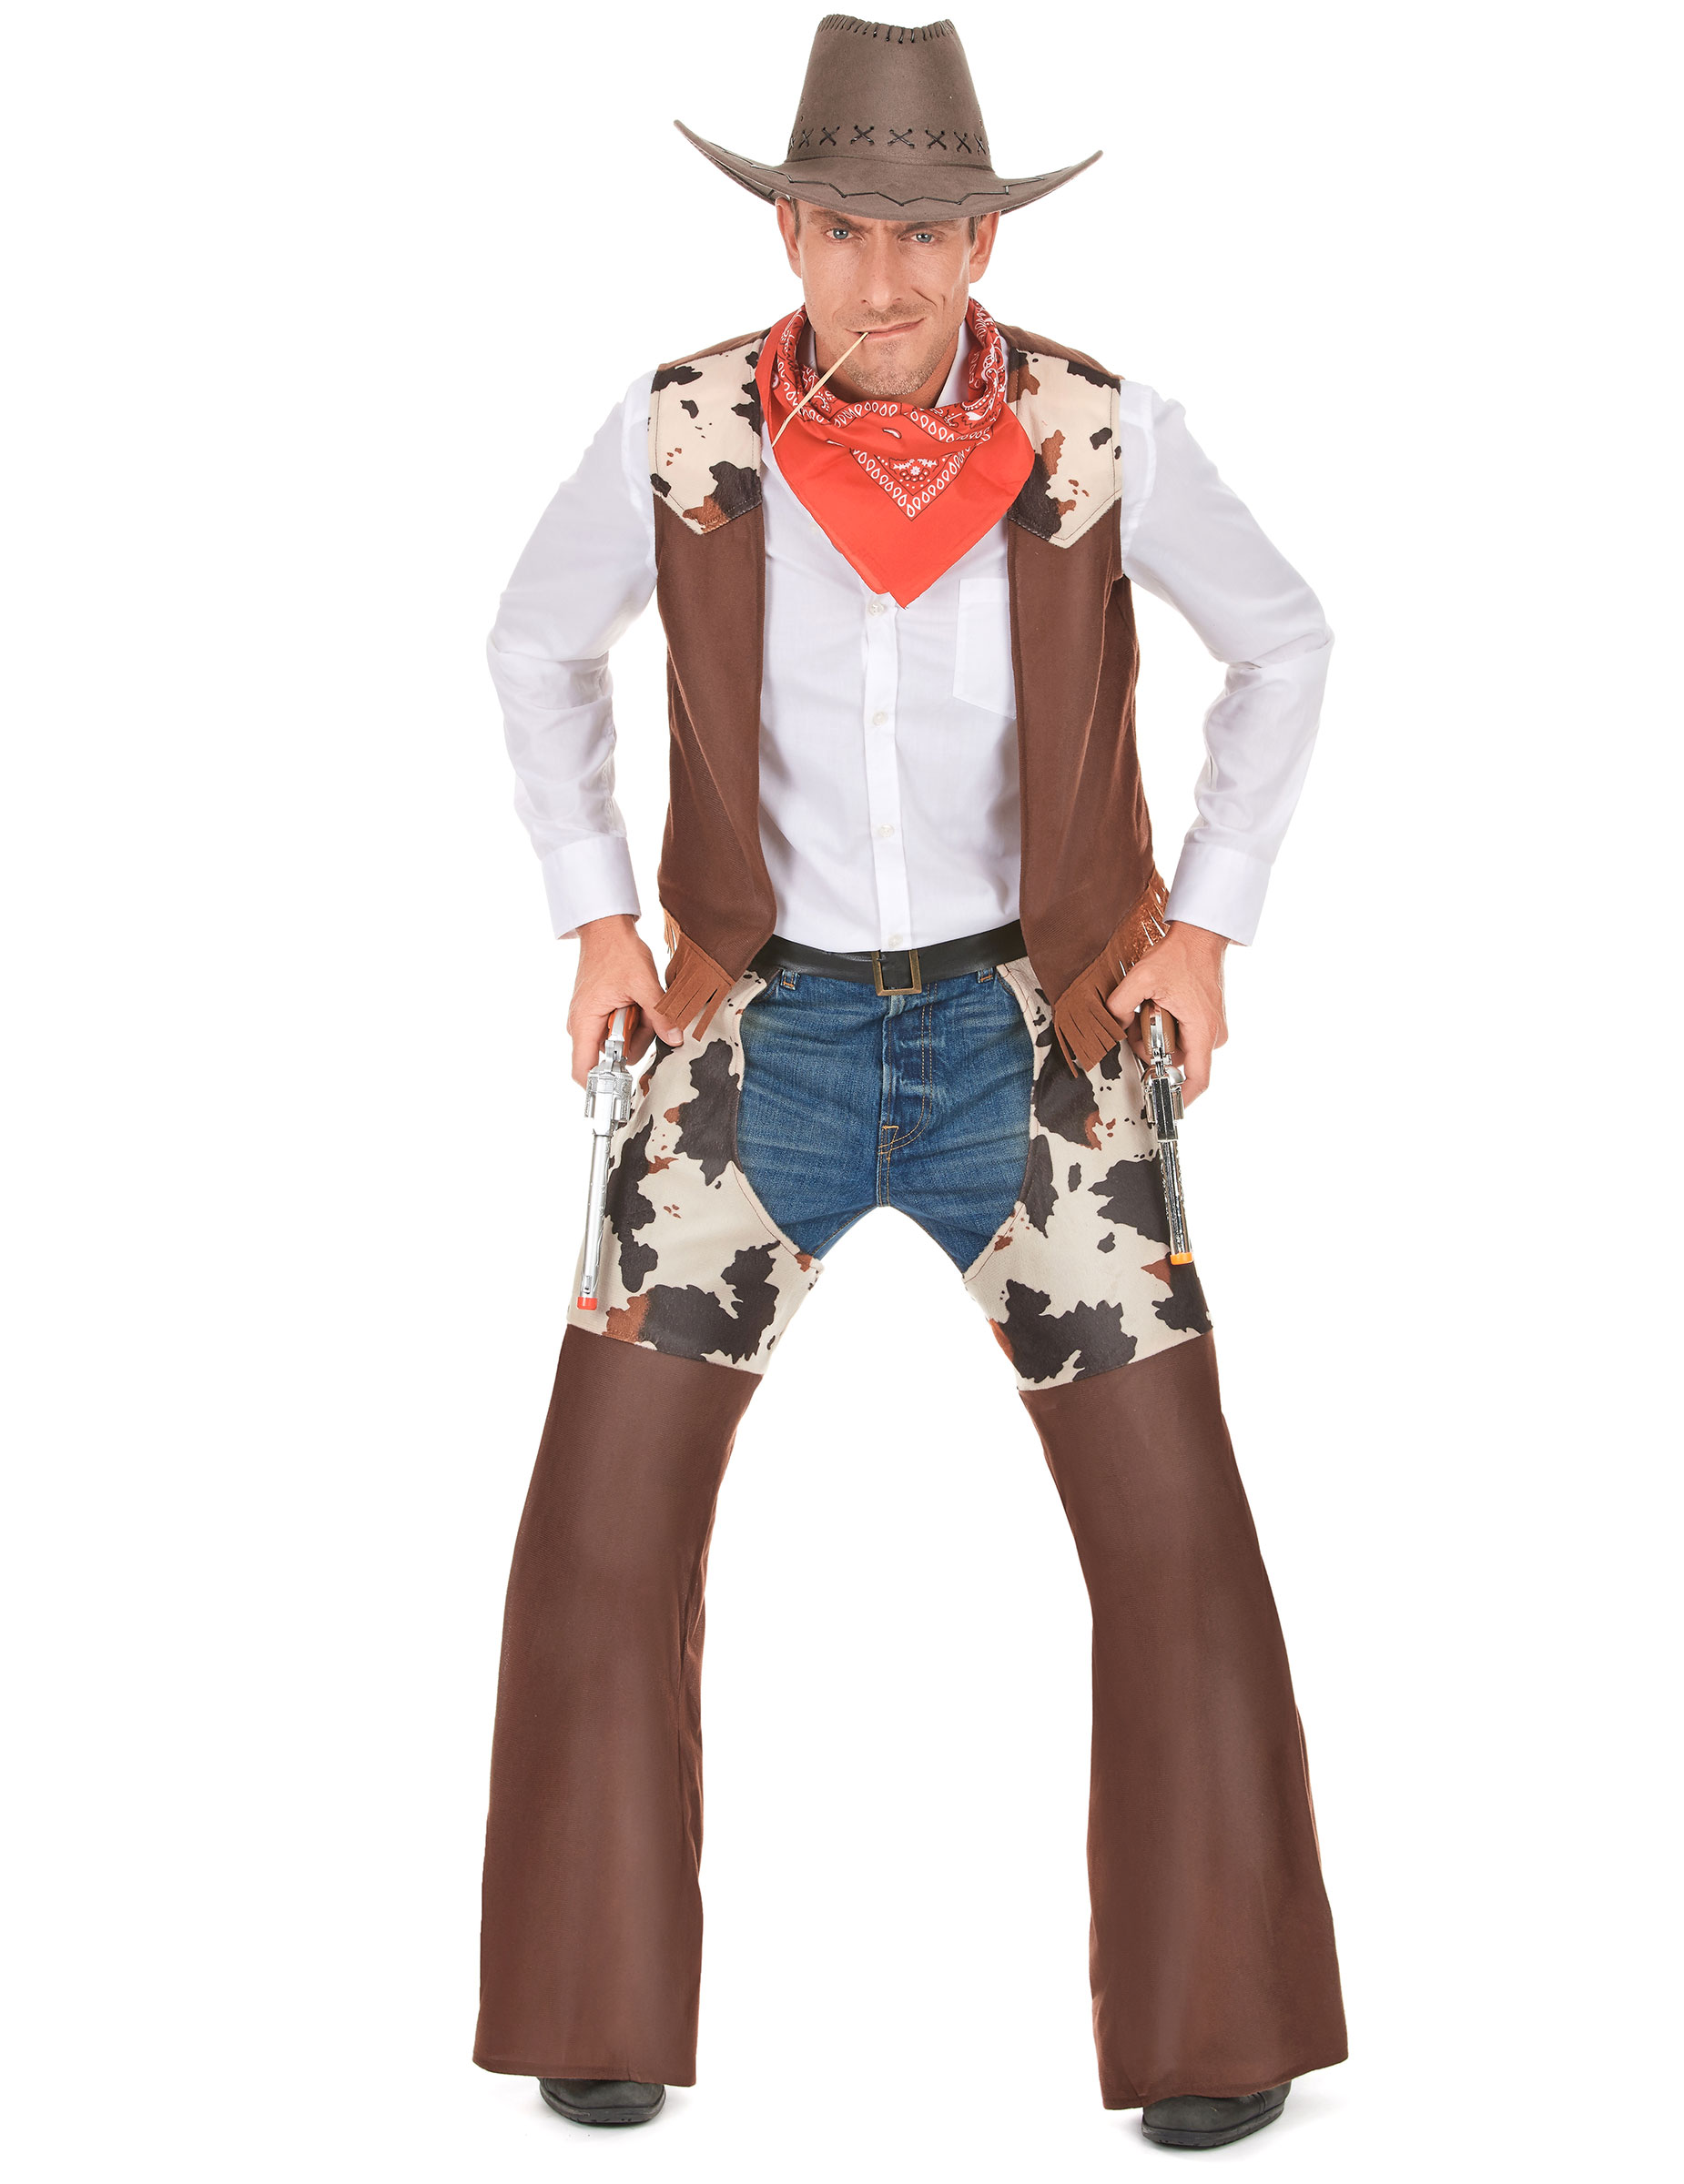 d91fdfe835014 Disfraz de vaquero para hombre Western  Disfraces adultos